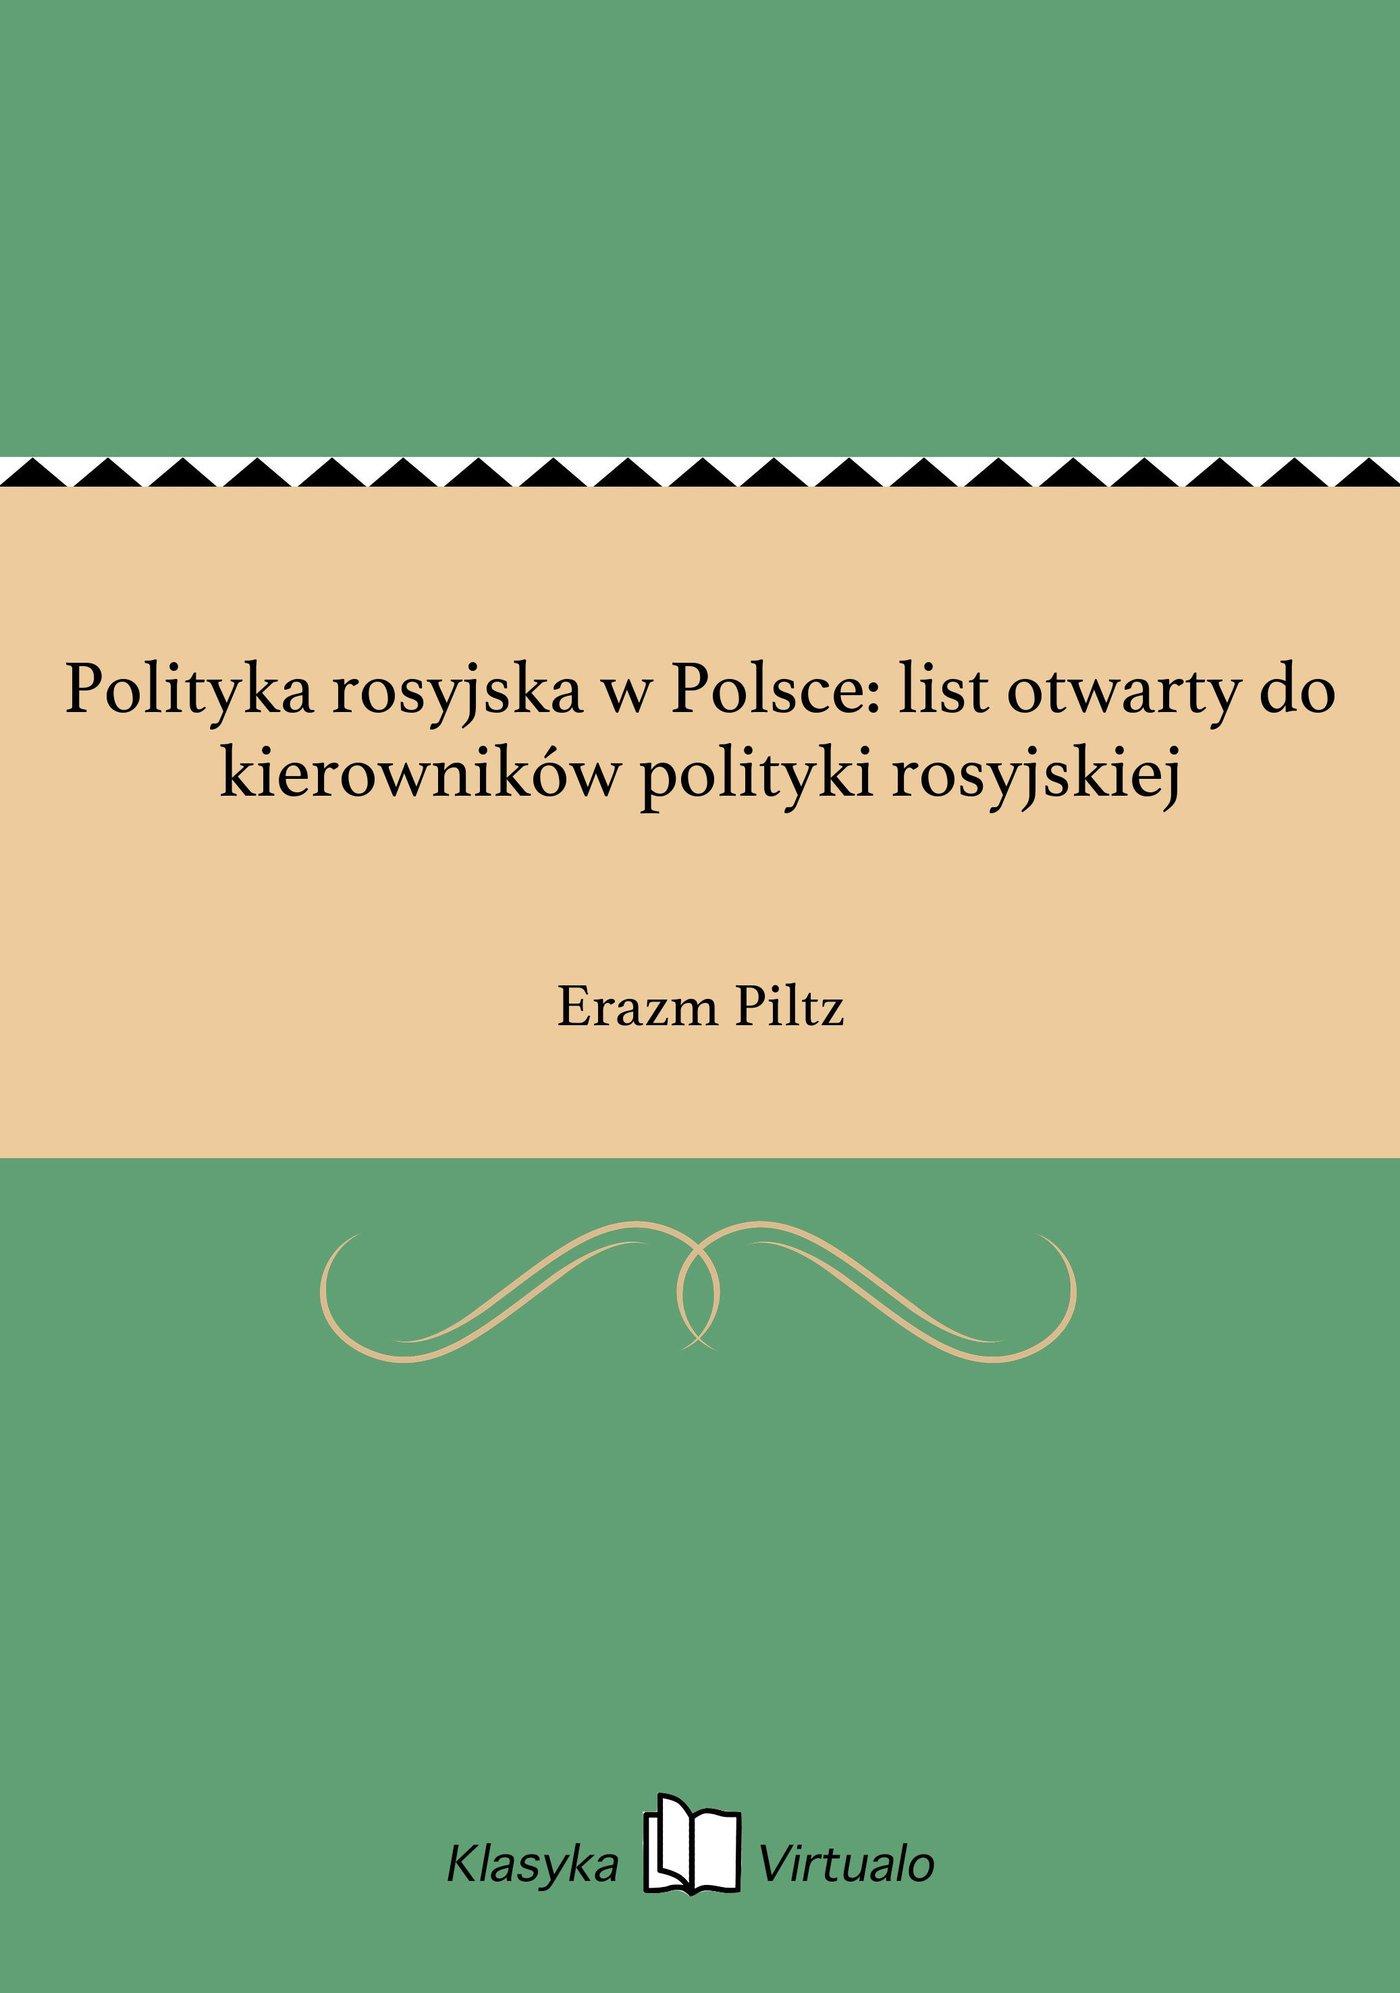 Polityka rosyjska w Polsce: list otwarty do kierowników polityki rosyjskiej - Ebook (Książka na Kindle) do pobrania w formacie MOBI